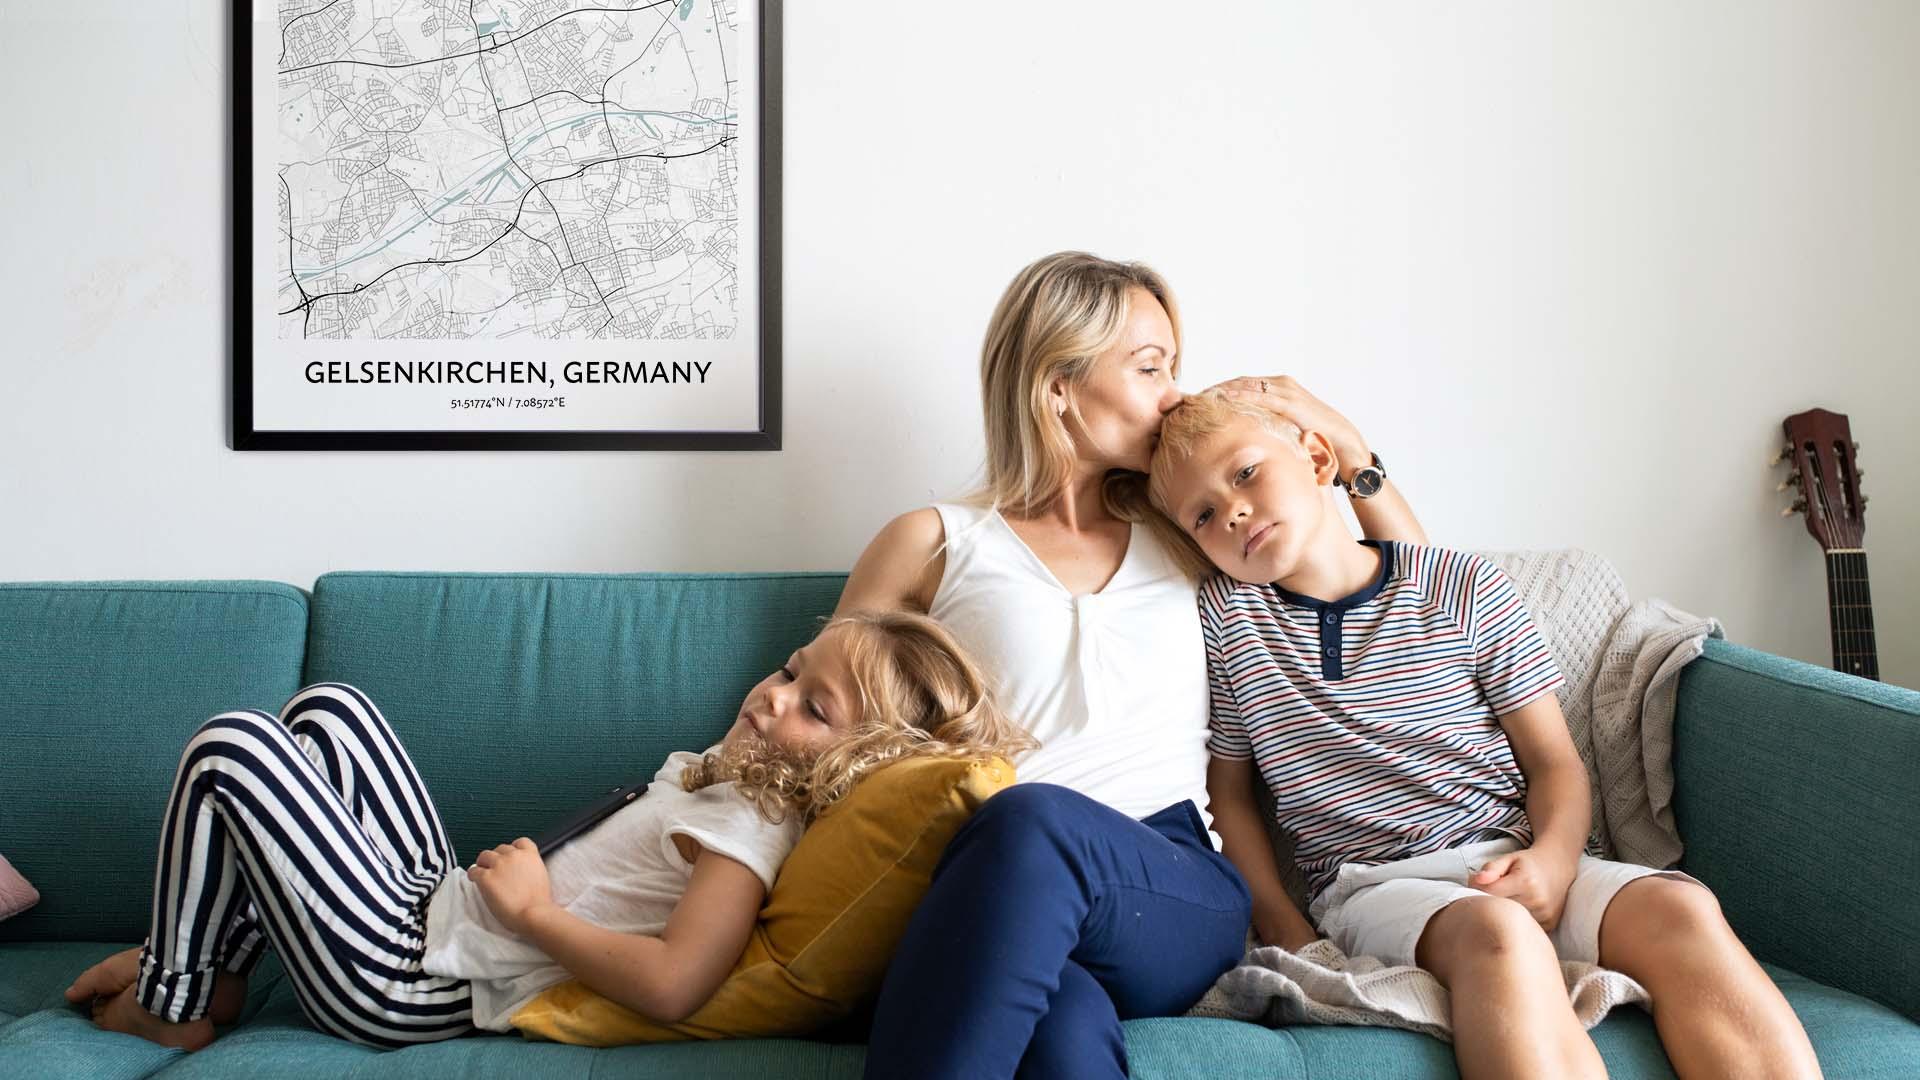 Gelsenkirchen map poster